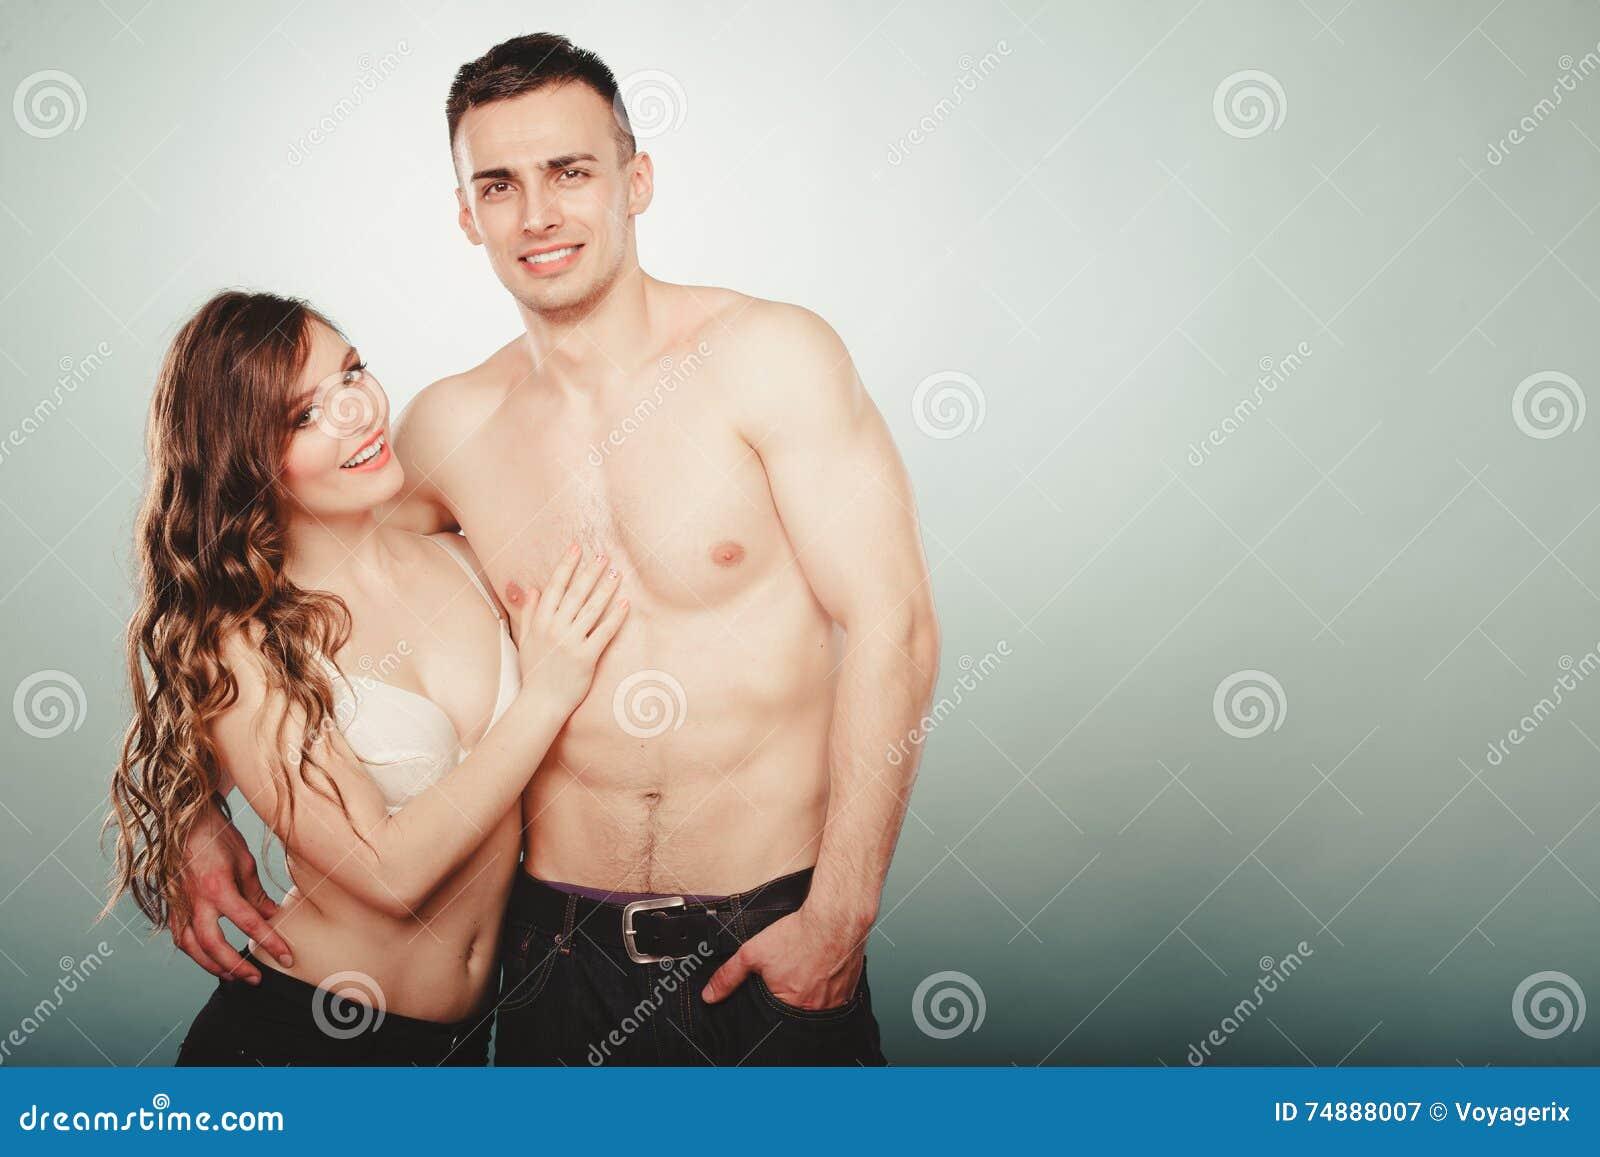 2 Hommes 1 Femme Mmf - Videos Porno Gratuites de 2